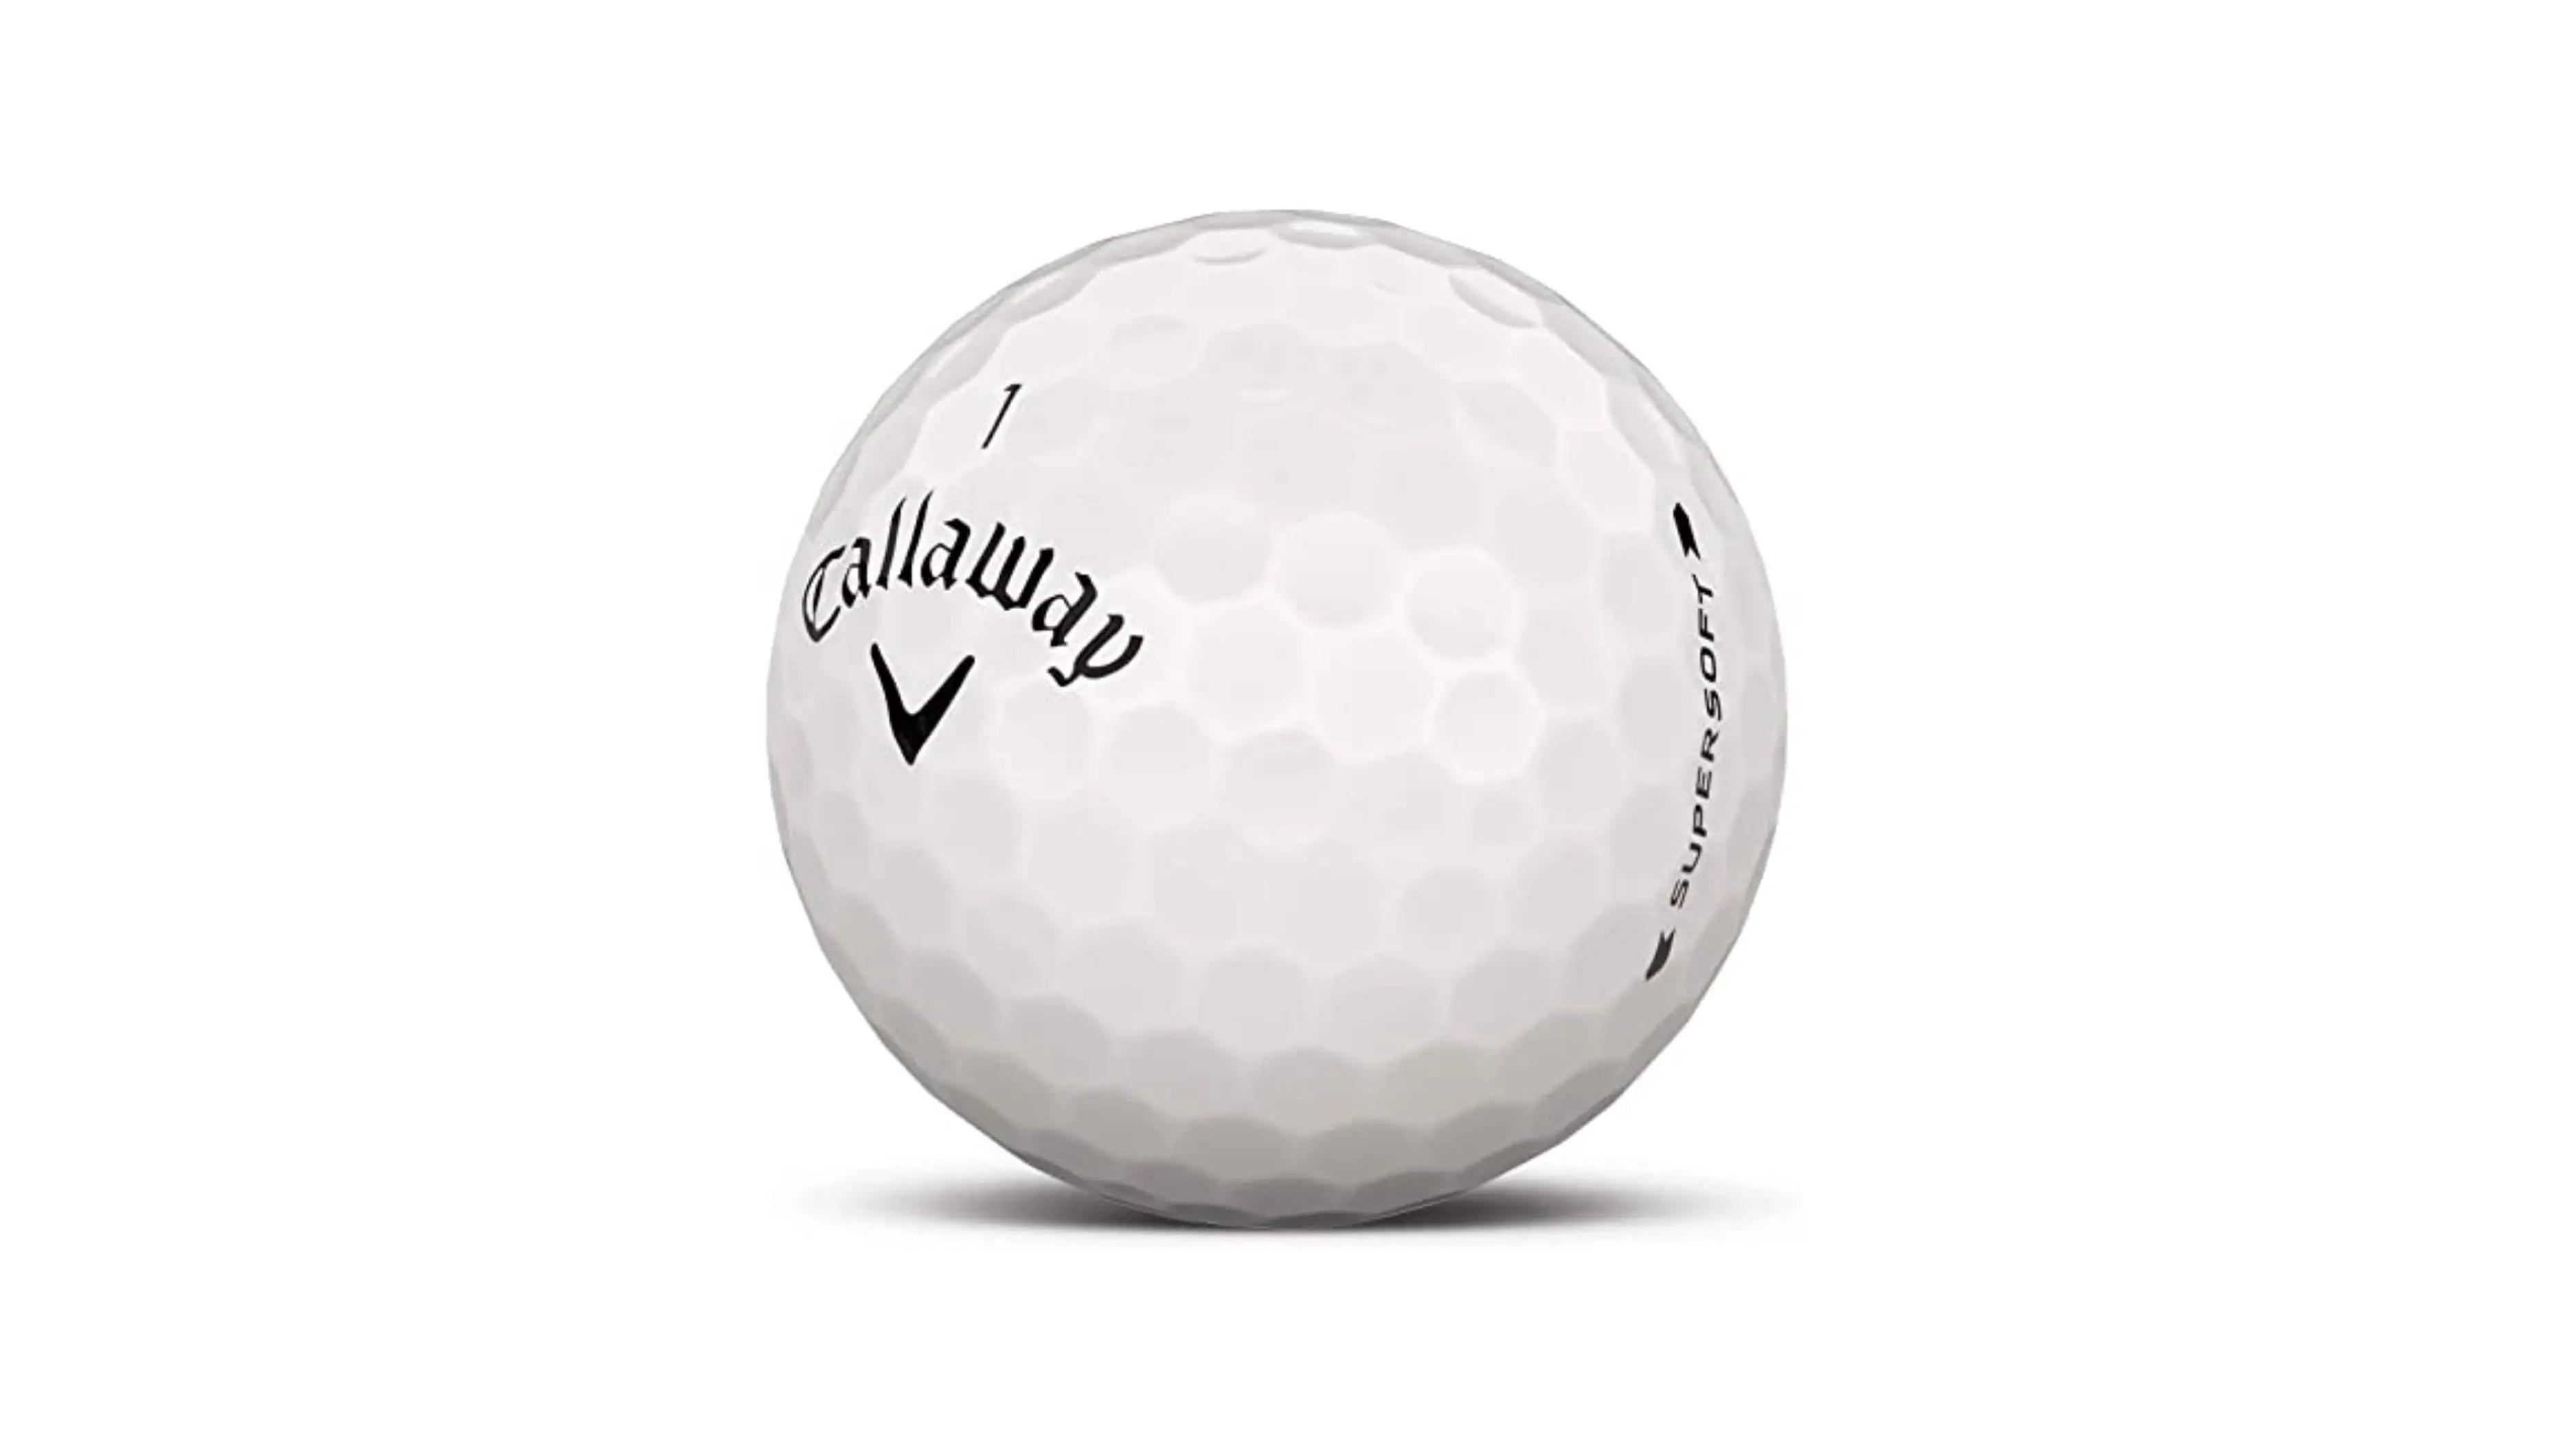 37+ Callaway golf balls review 2017 info